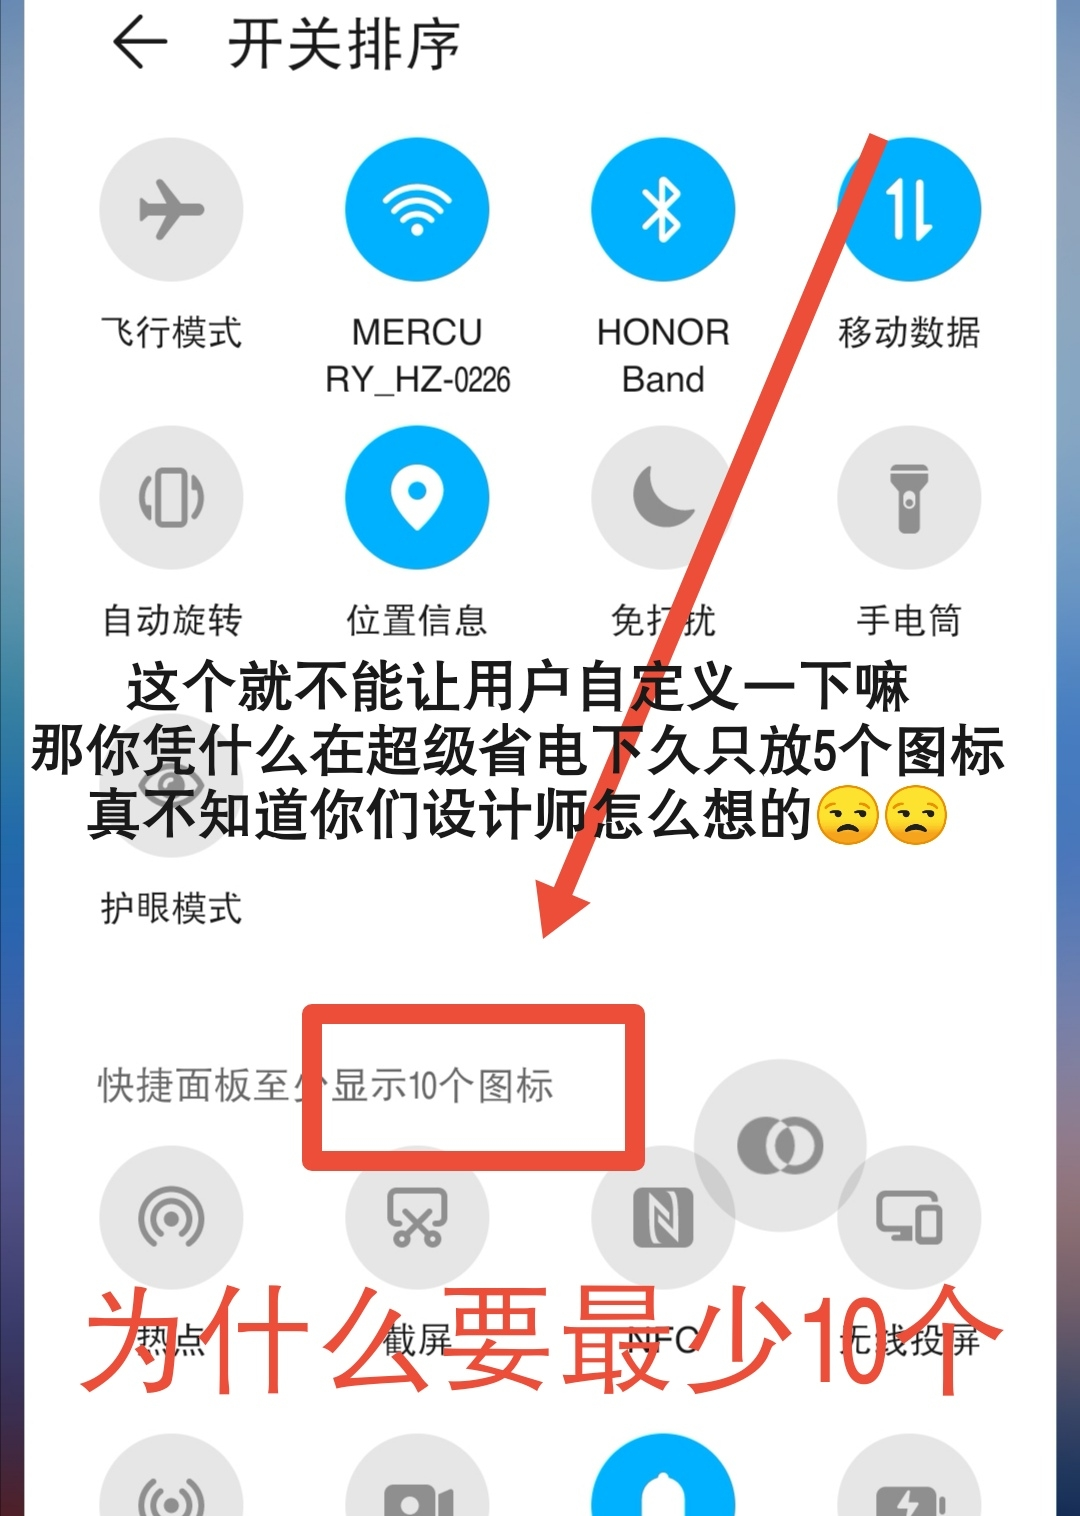 Screenshot_20200517_100327.jpg